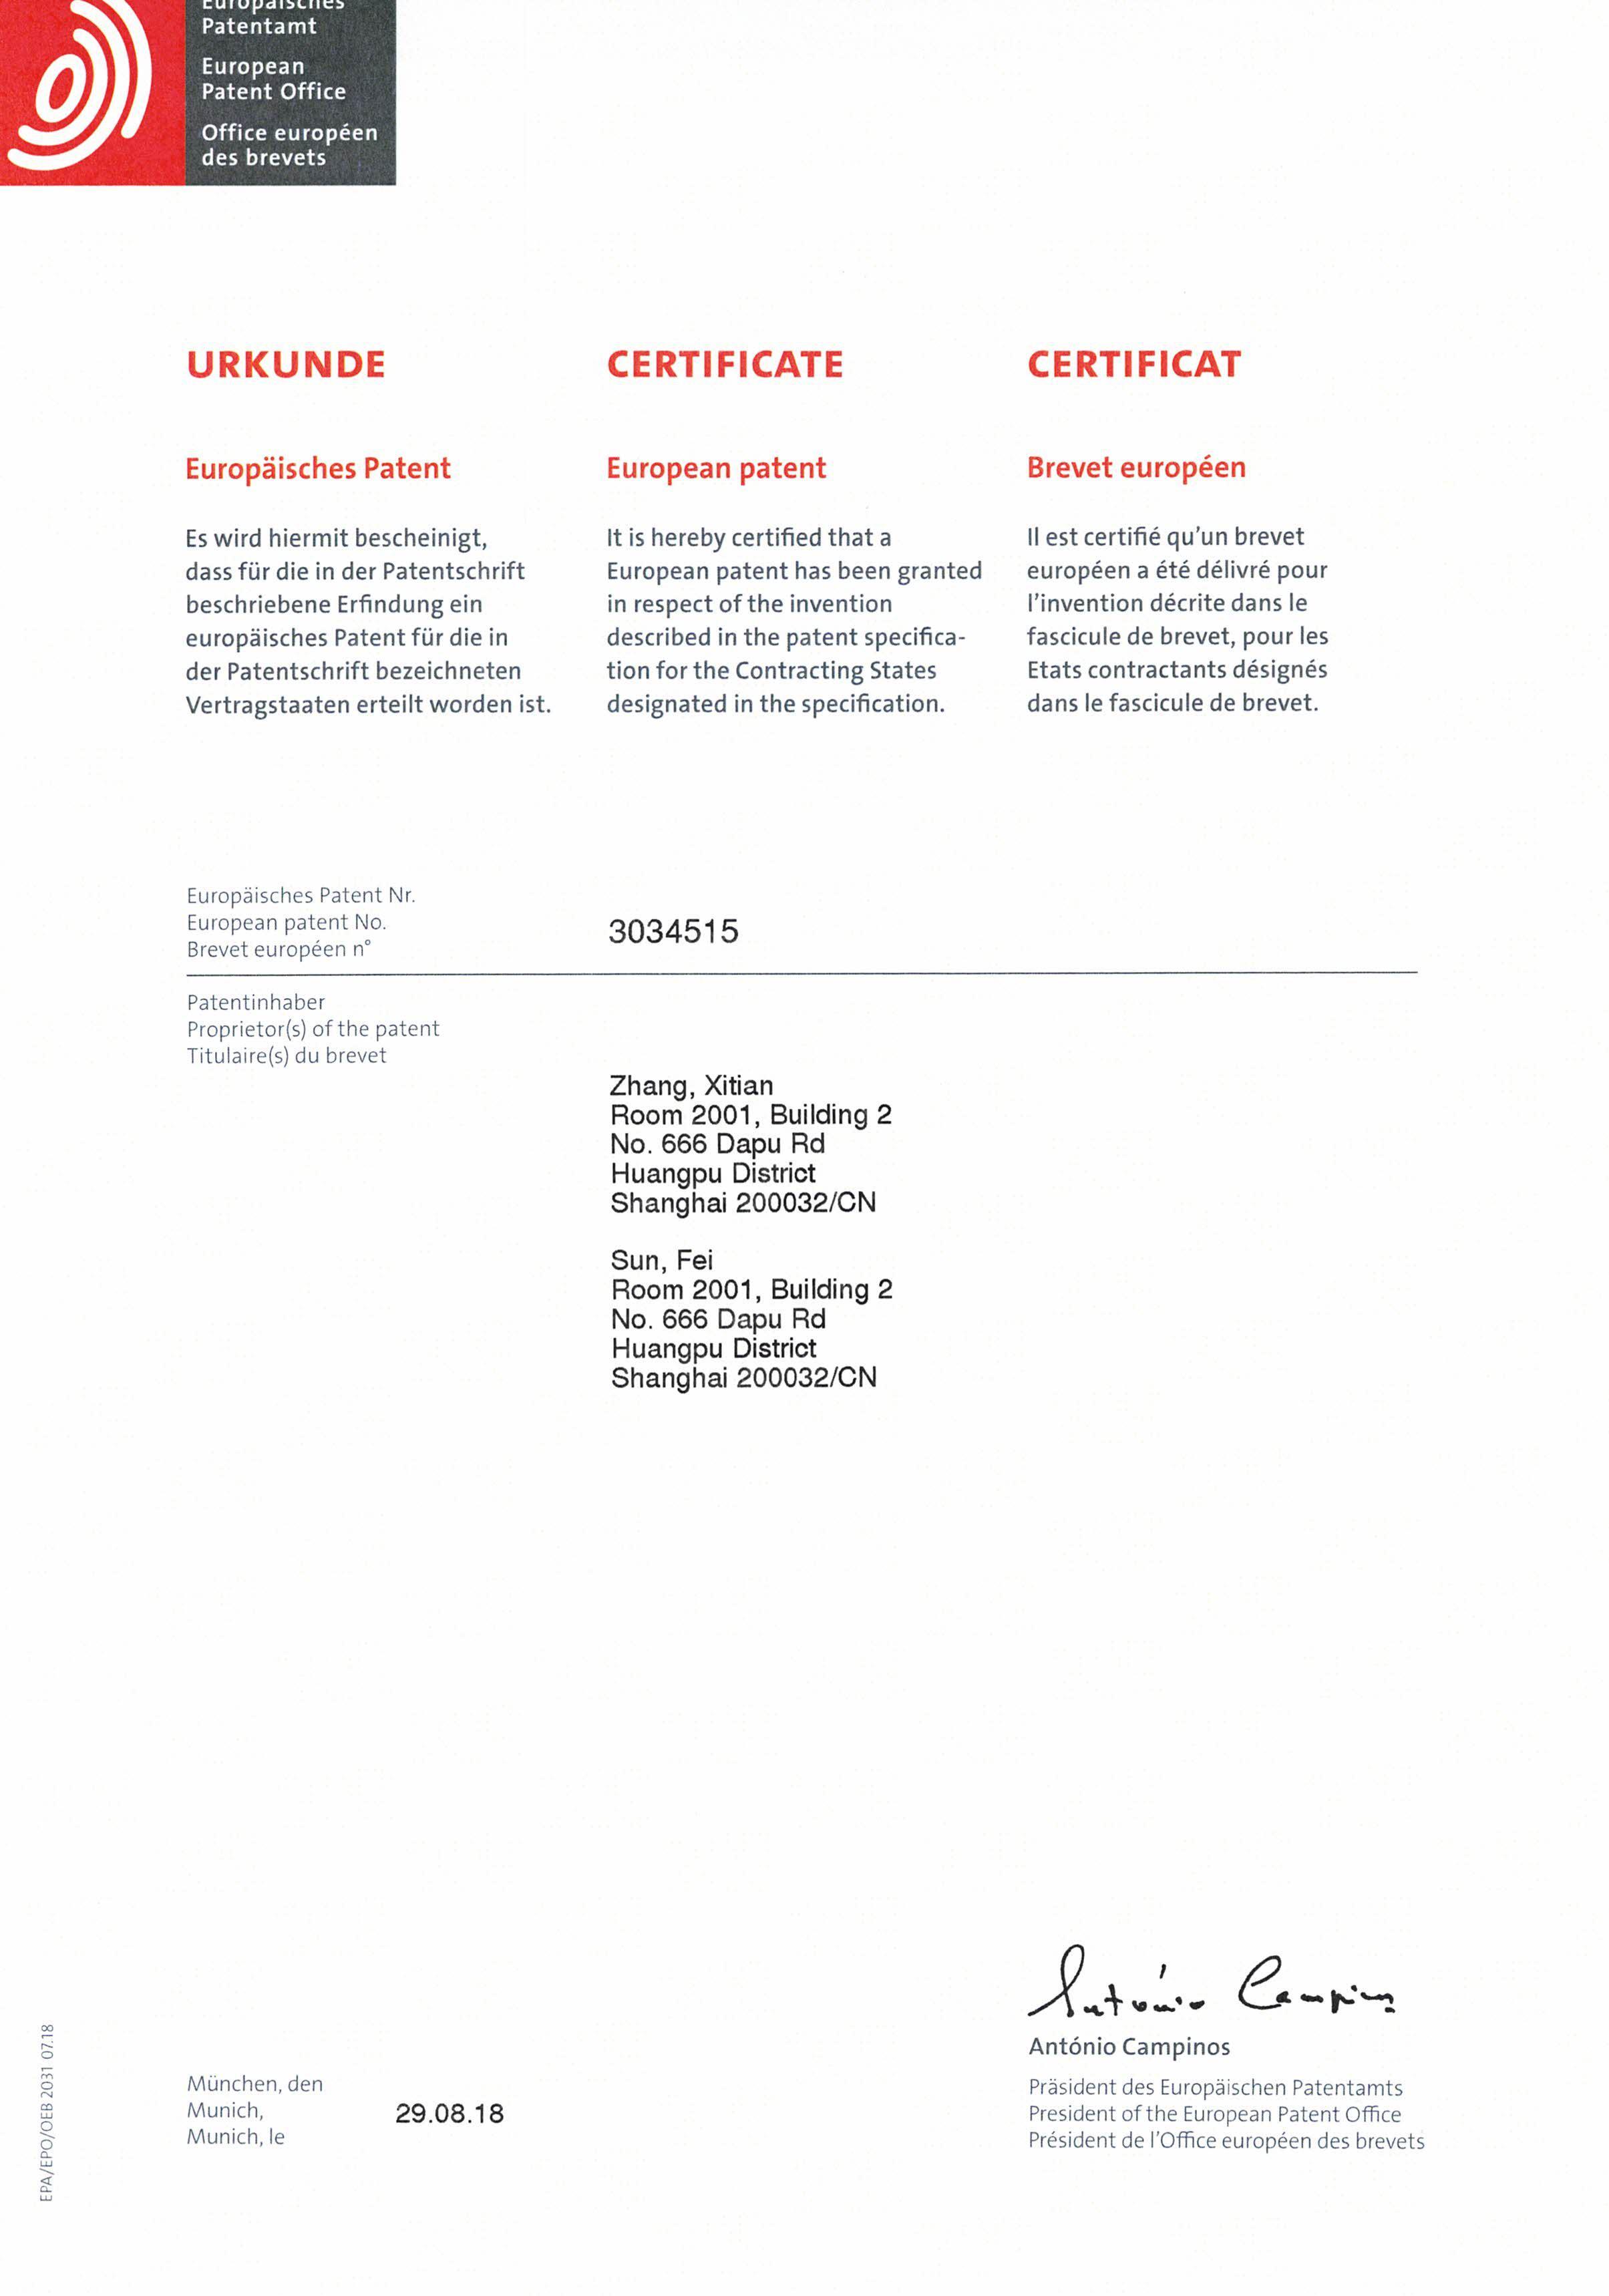 英國個人怎么申請國外專利申請直接代理公司 值得信賴「上海大衛雷文知識產權代理供應」